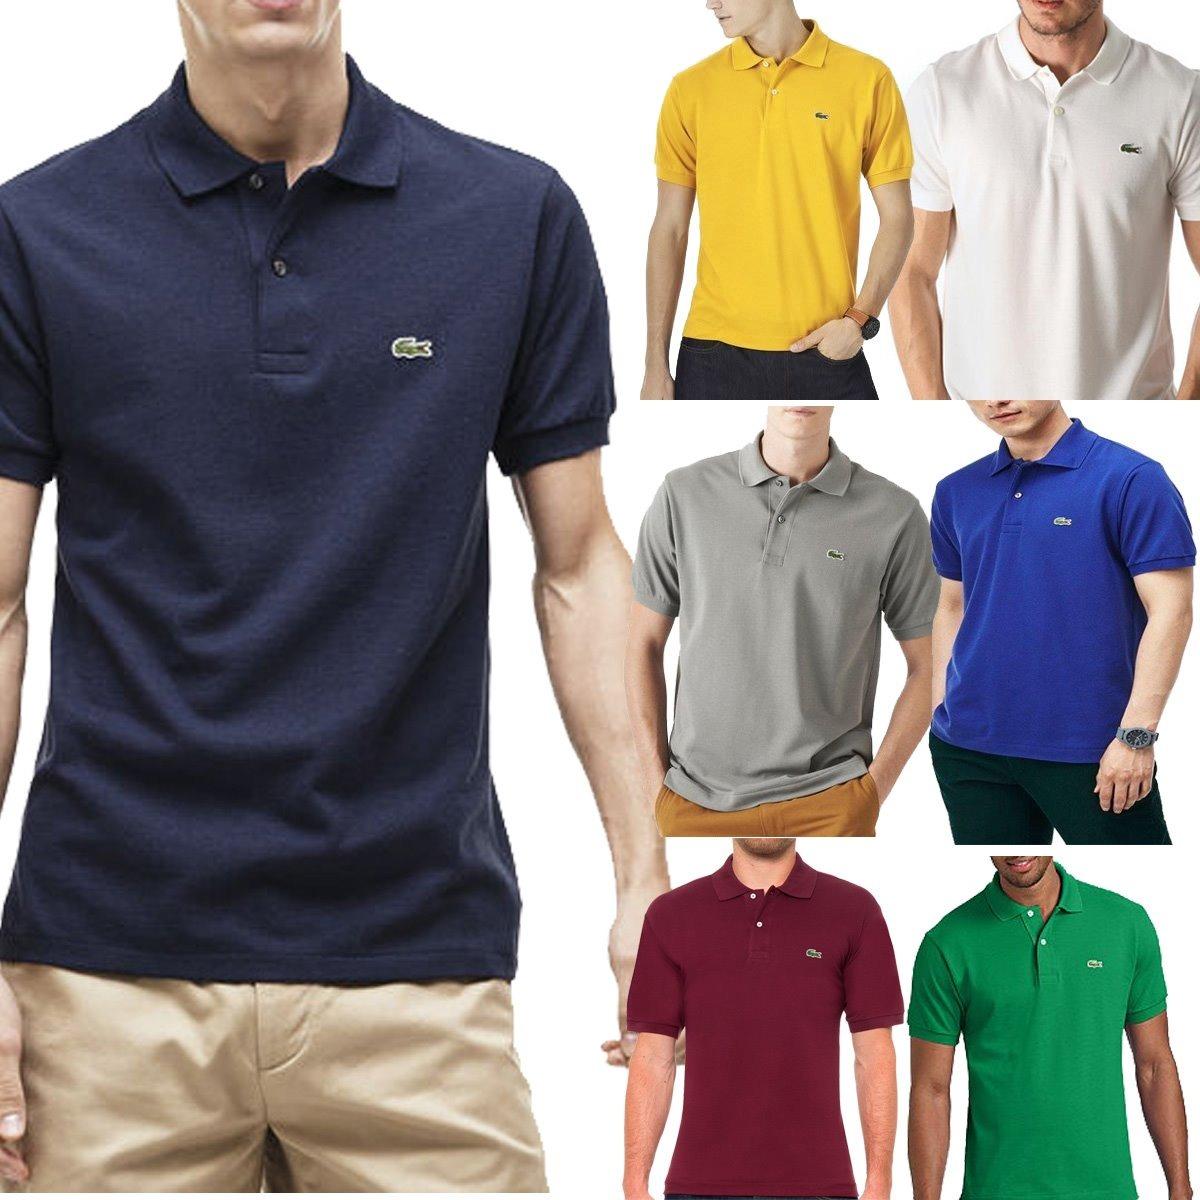 kit 10 camisas gola polo masculina blusa de luxo atacado. Carregando zoom. dfabe74e18a96